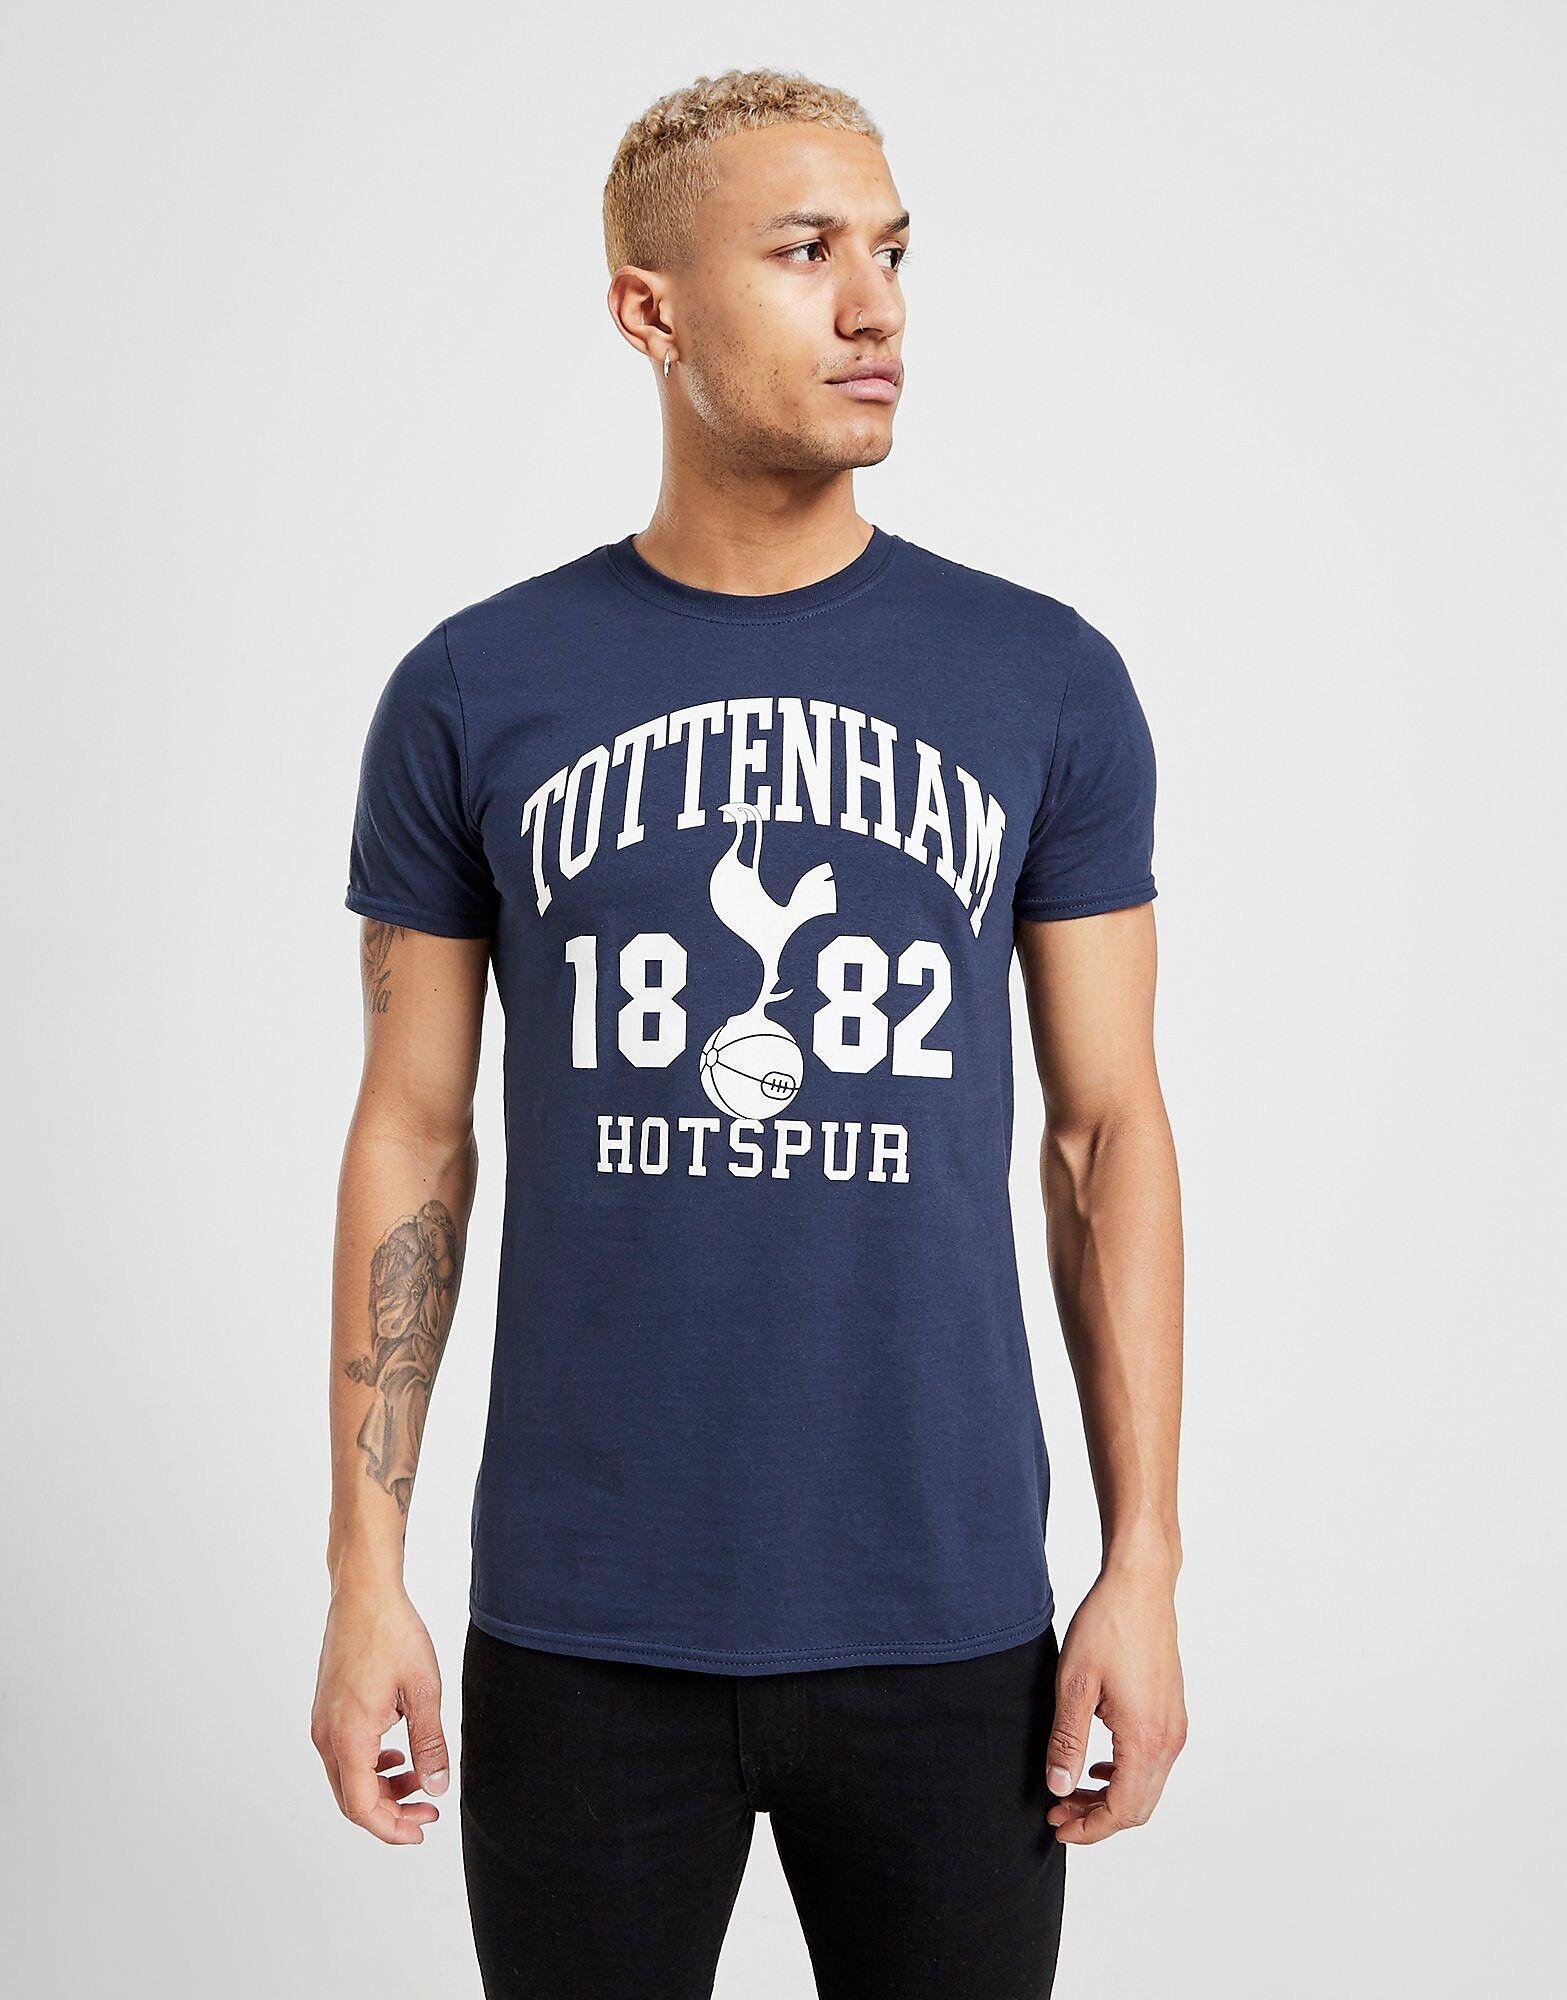 Official Team Tottenham Hotspur FC 1882 T-paita Miehet - Mens, Laivastonsininen